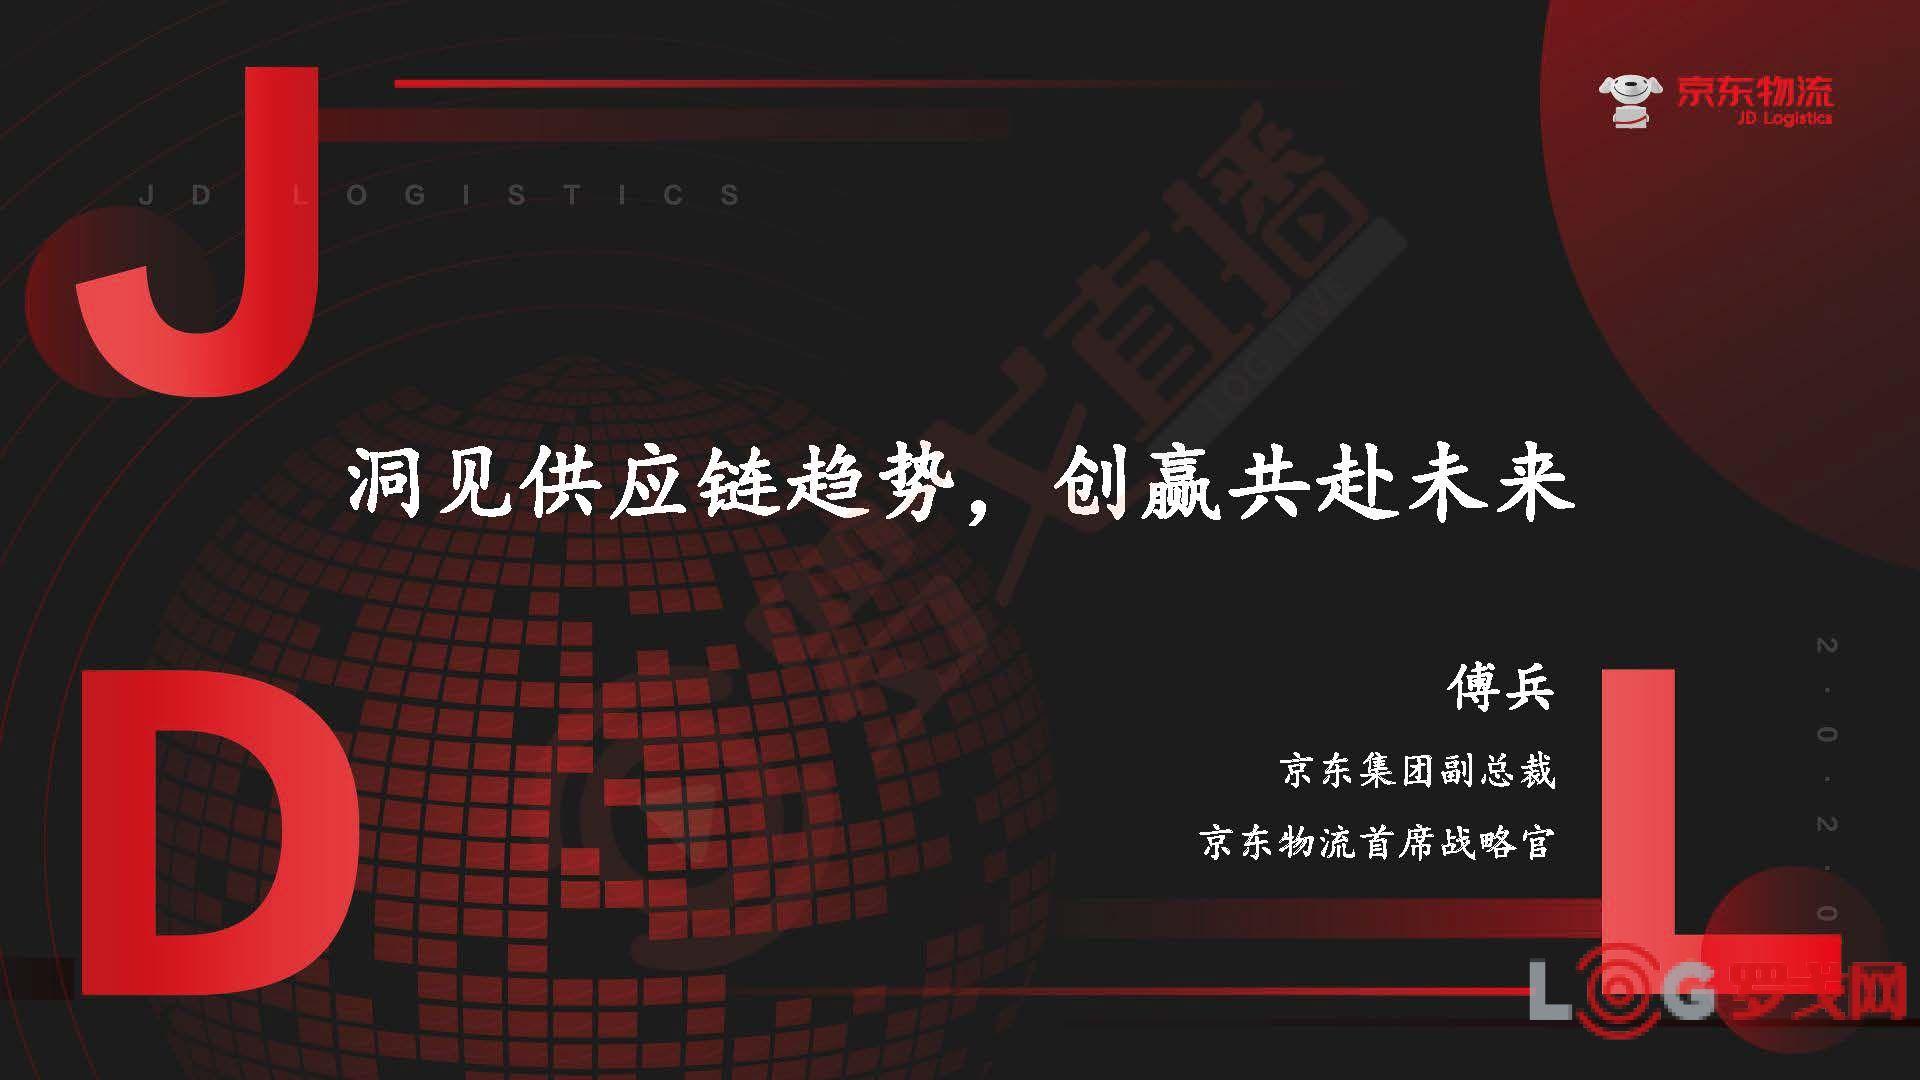 京东物流傅兵:洞见供应链趋势,创赢共赴未来(附直播课件下载)